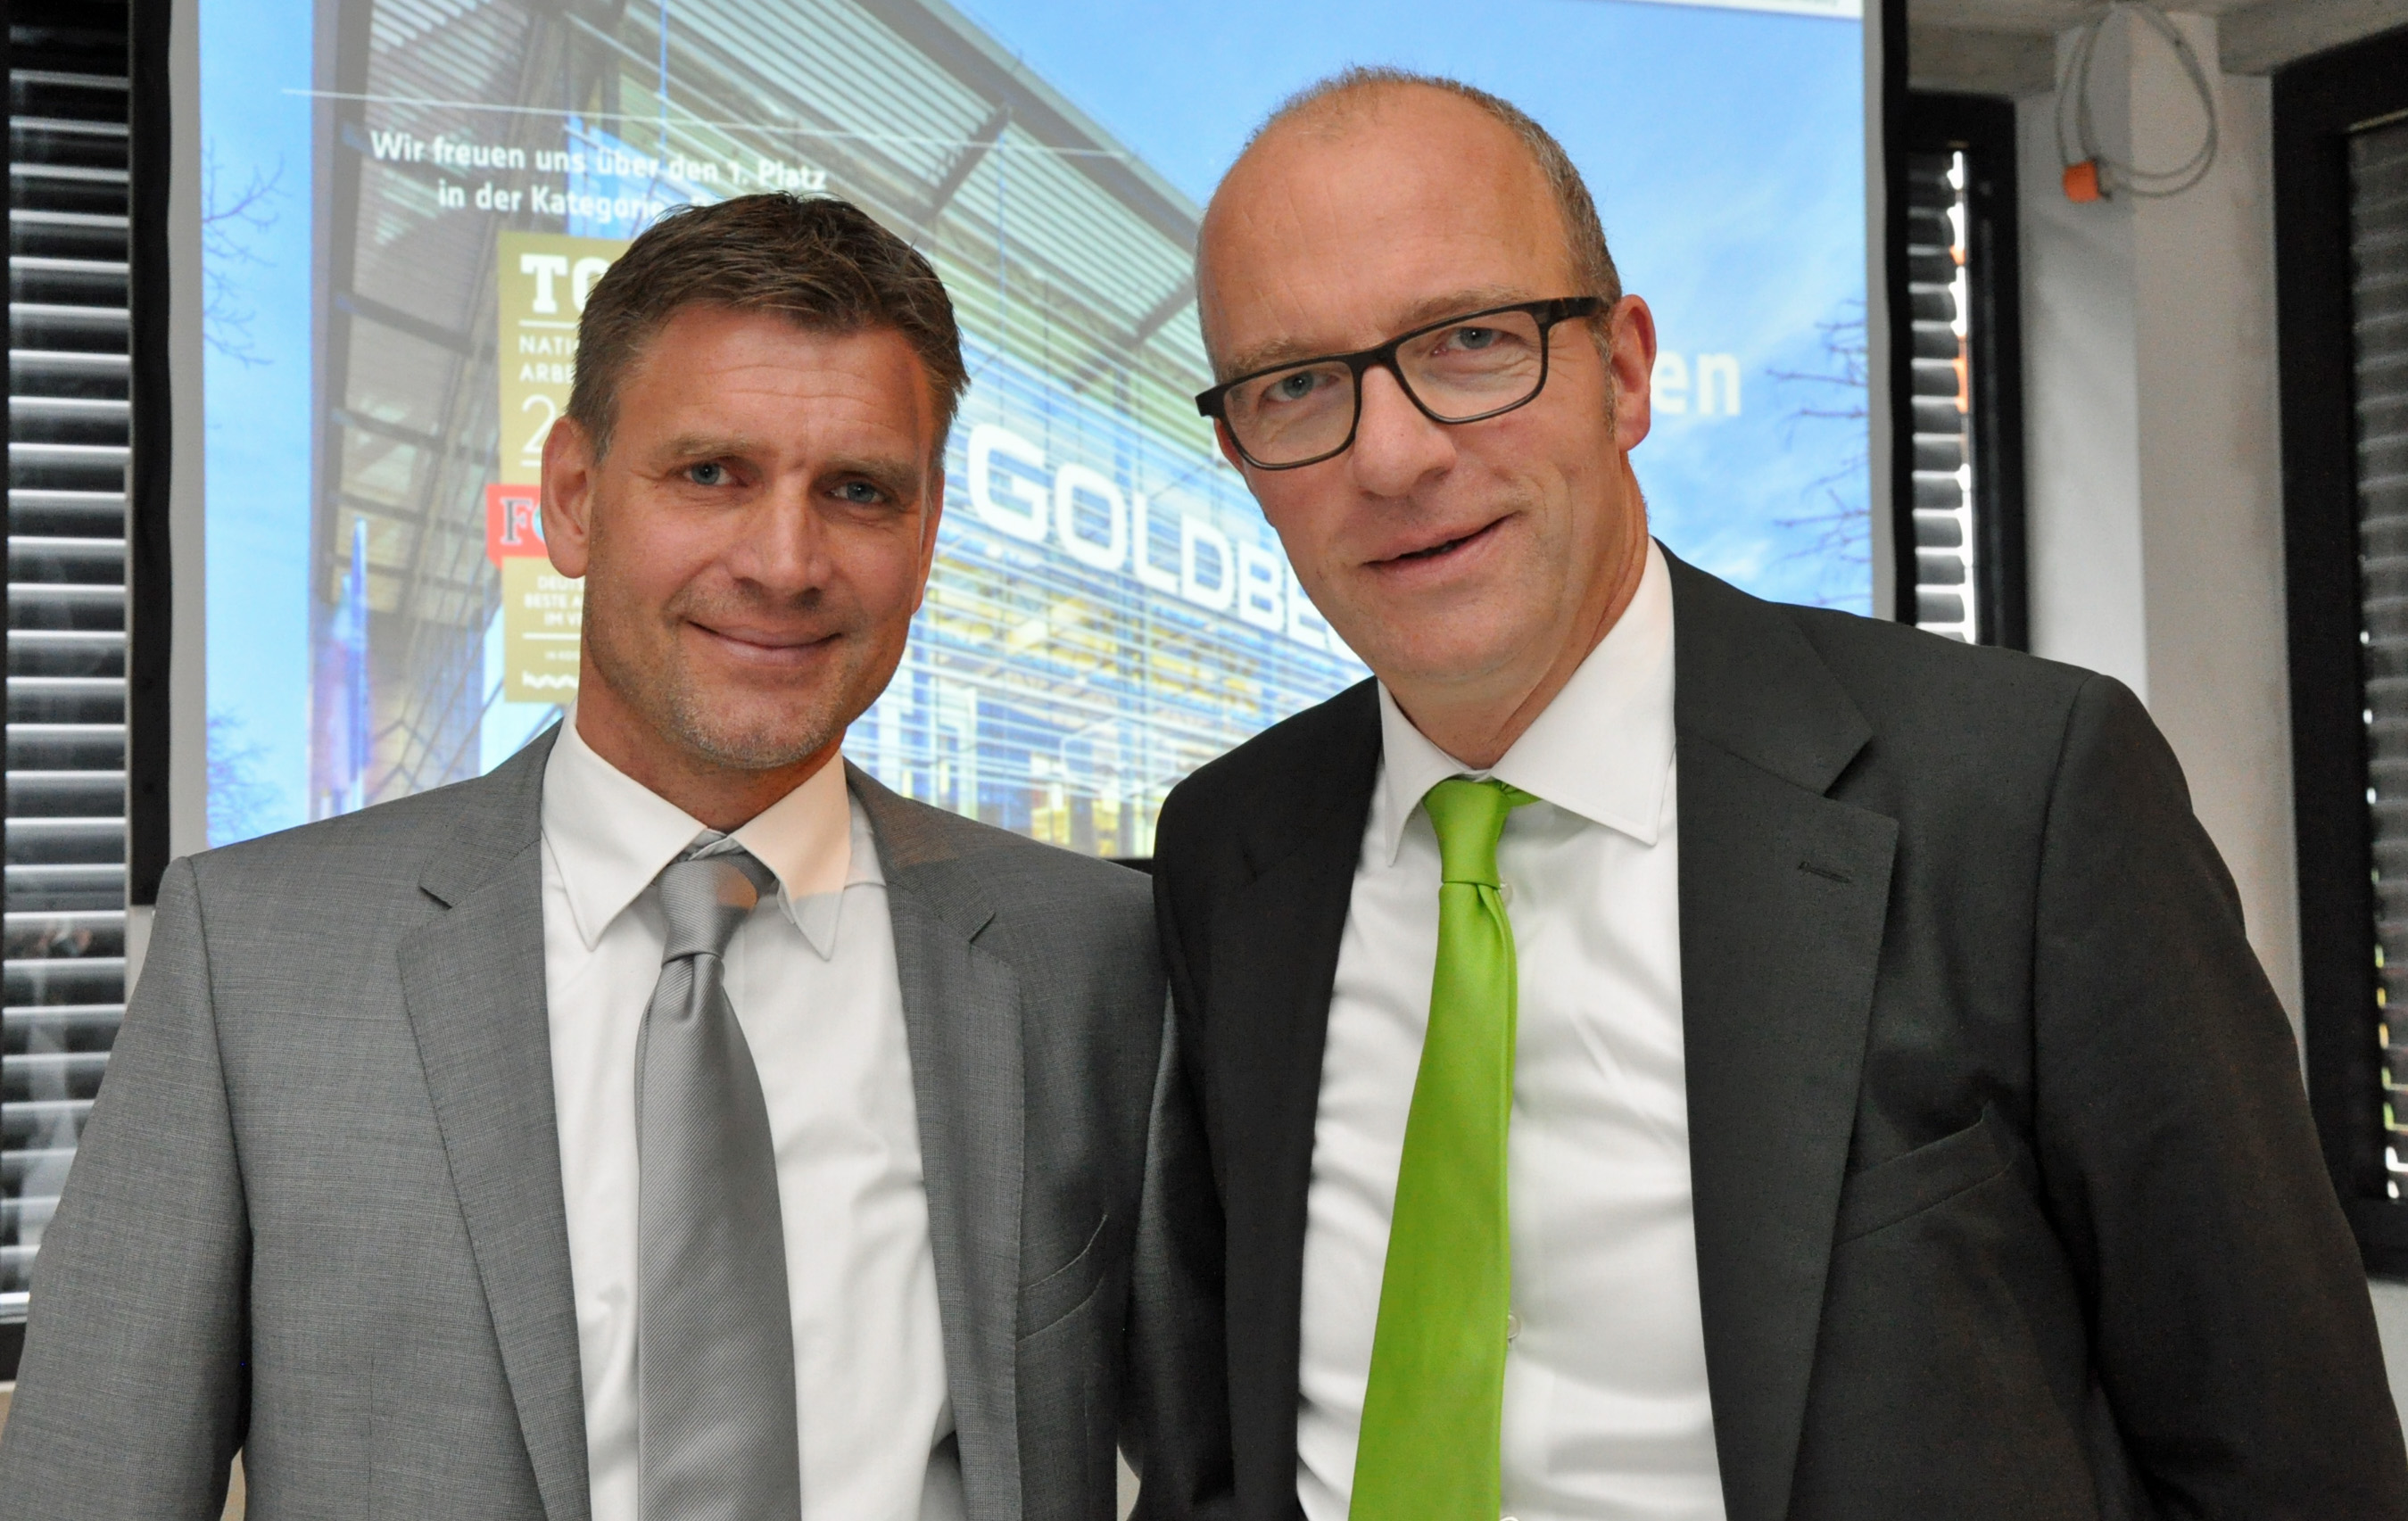 WFM-Geschäftsführer Dr. Thomas Robbers (r.) und Dirk Klöpper (l.), Niederlassungsleiter Goldbeck Münster (Foto: WFM Münster)